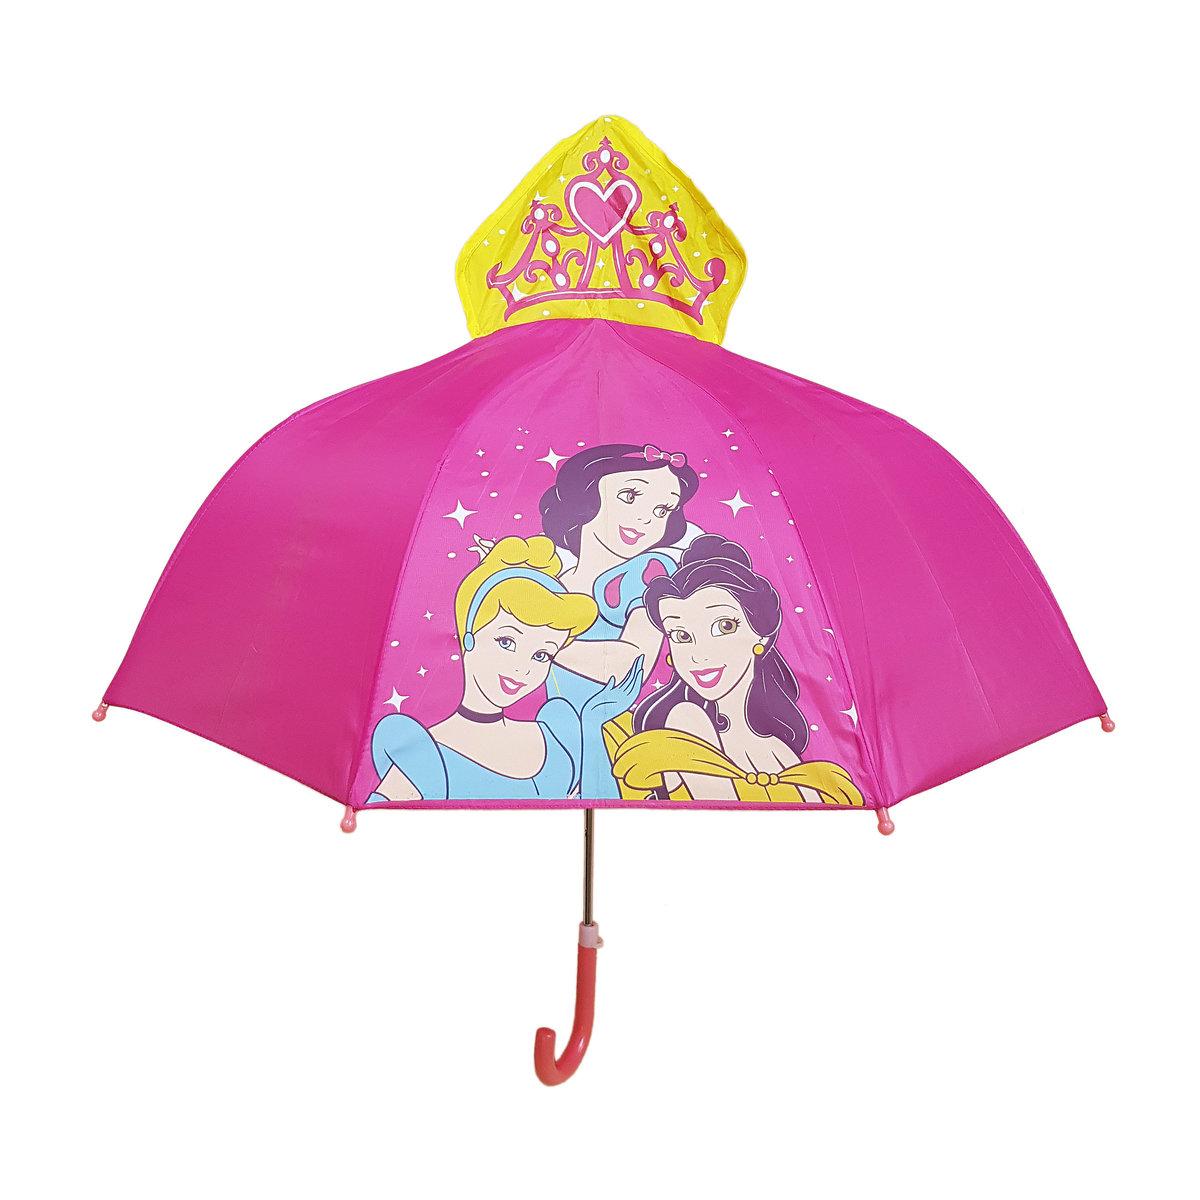 Disney - 迪士尼-雨傘 (公主) (迪士尼許可產品)